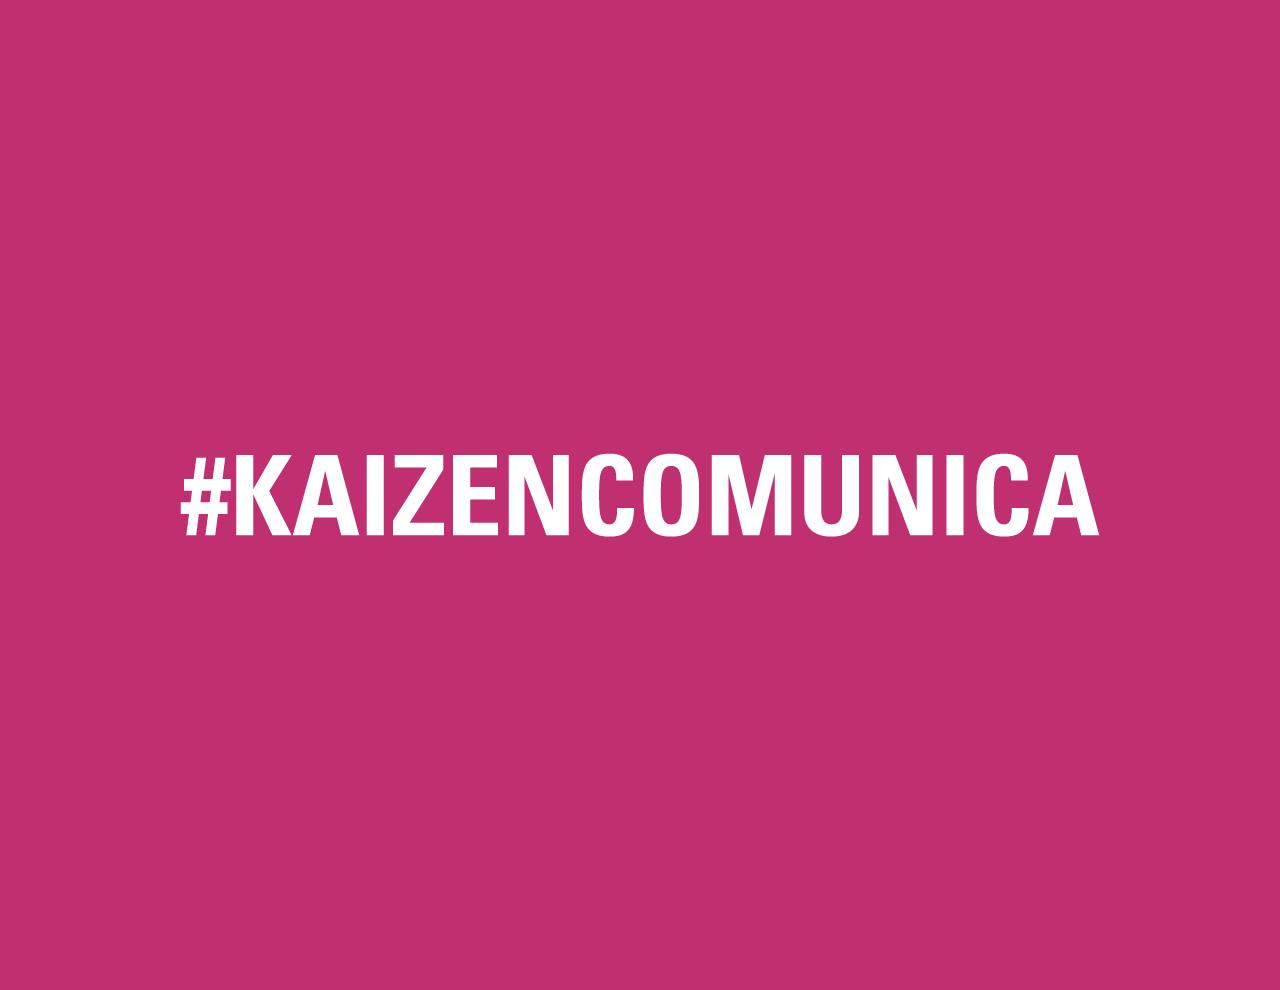 KAIZEN COMUNICA